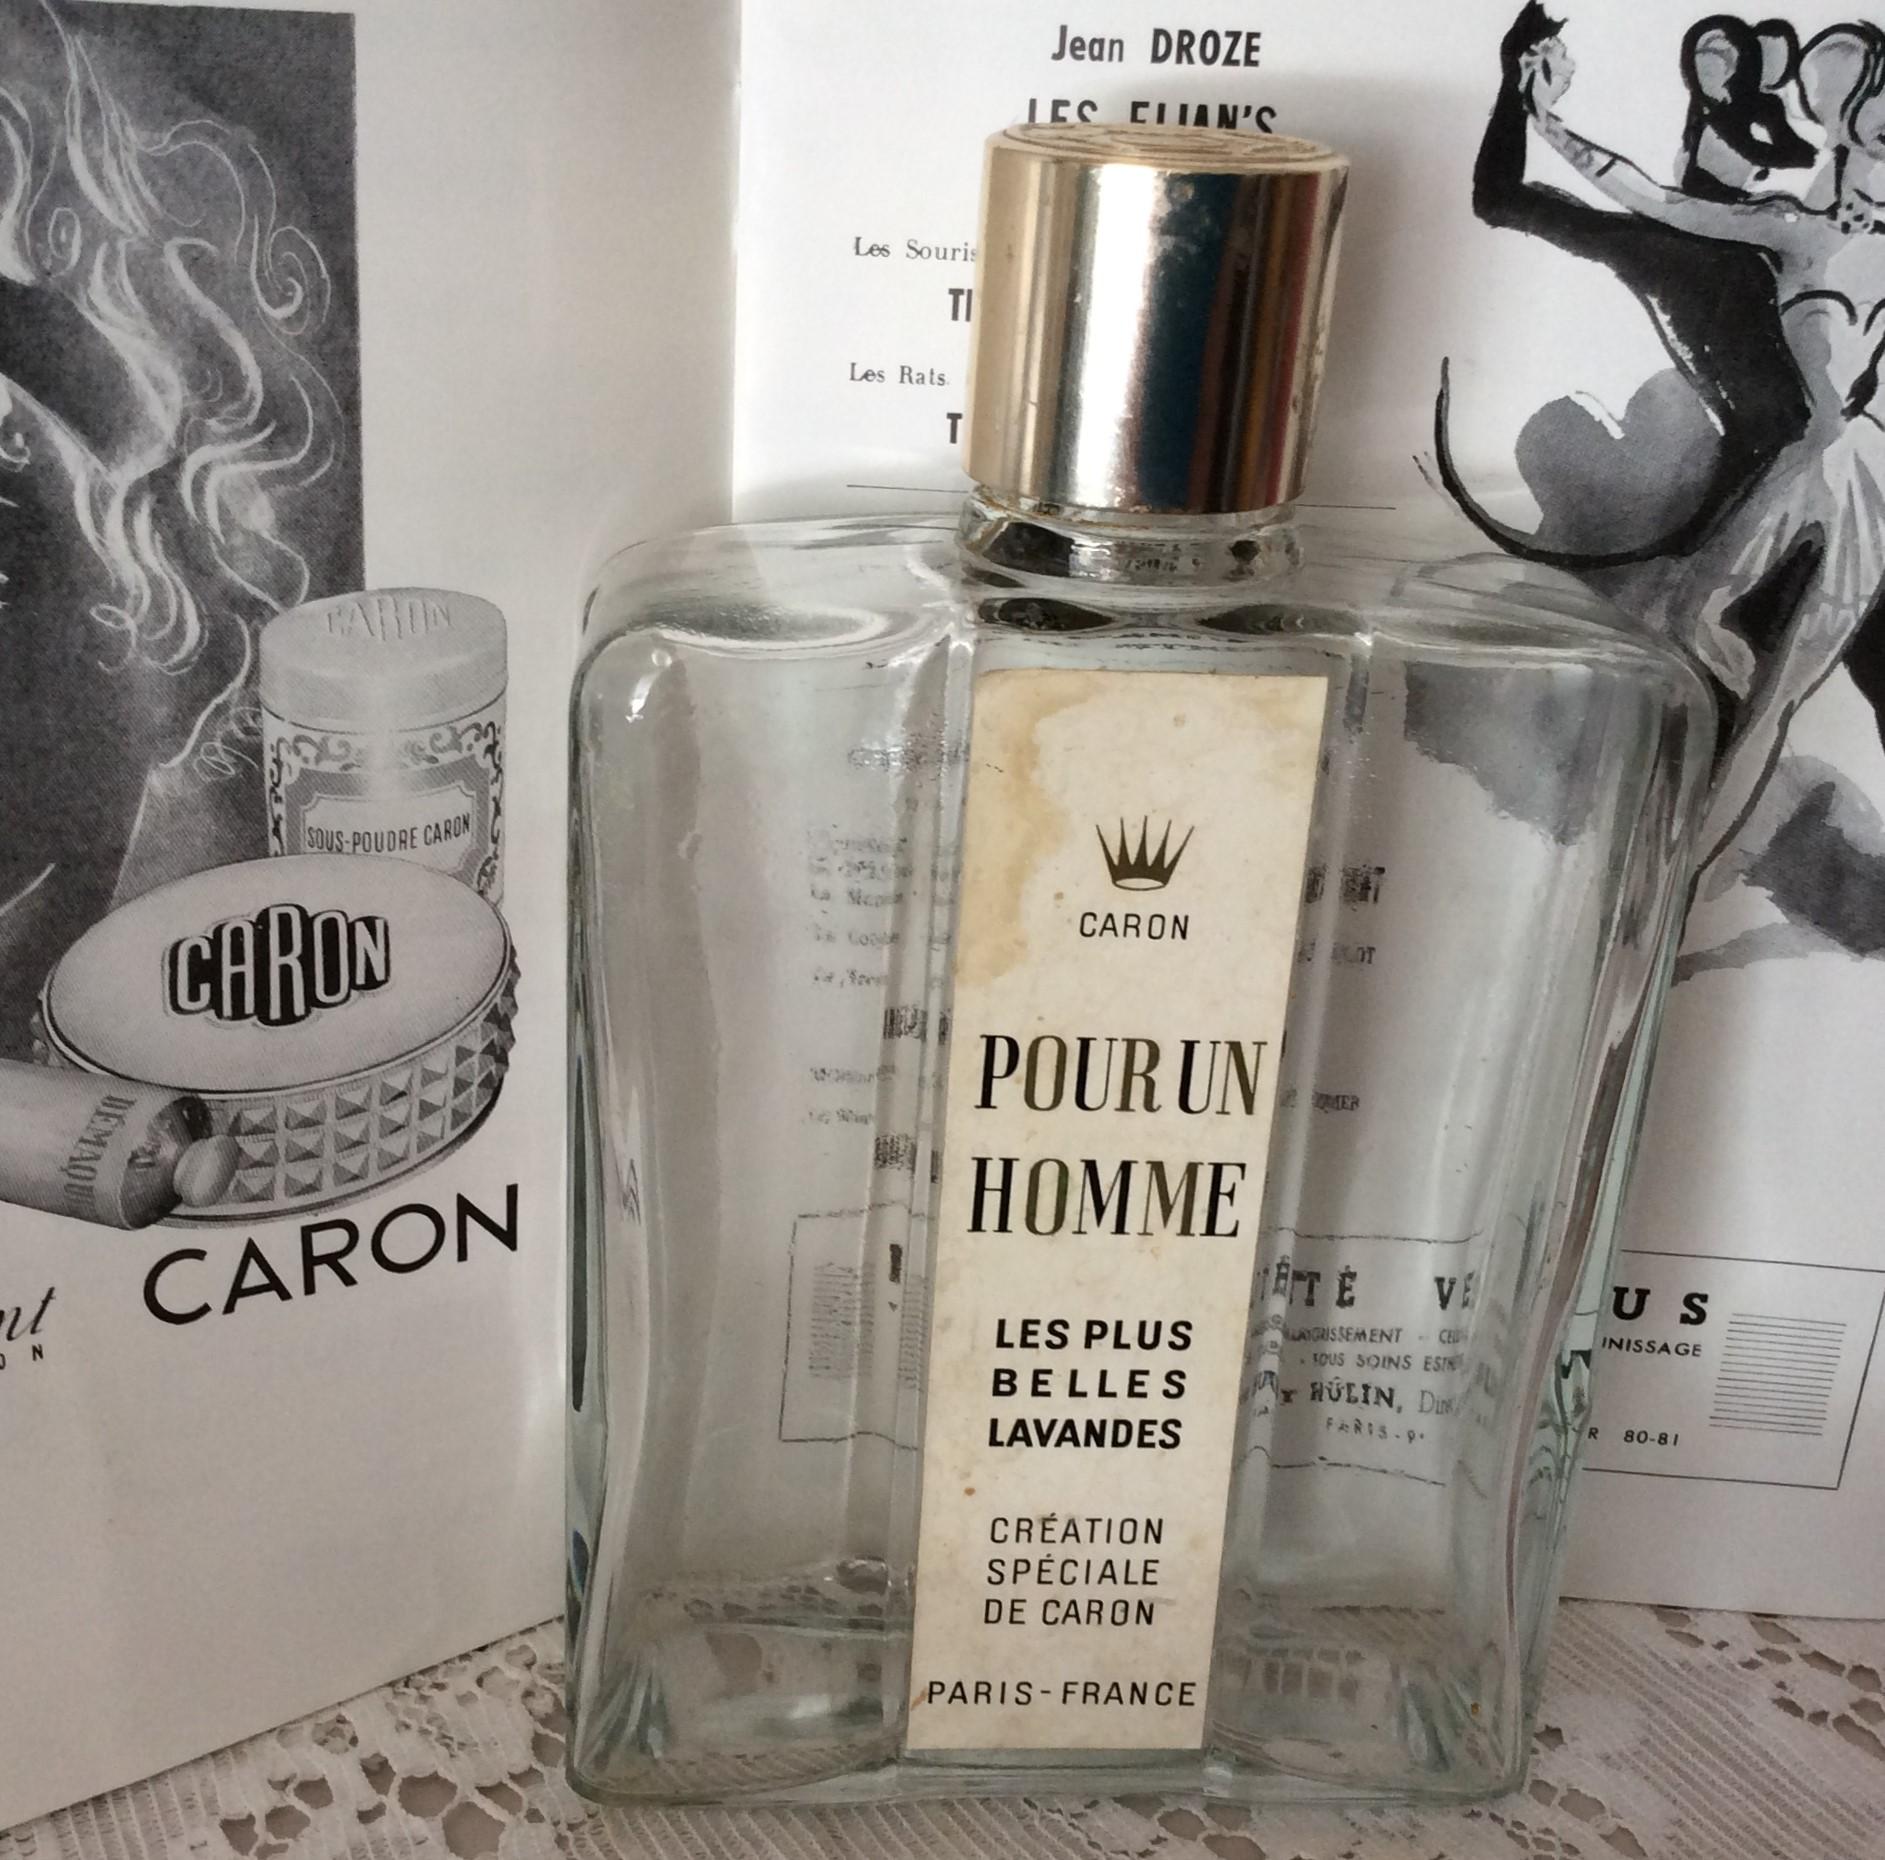 Vintage CARON Pour un Homme Les Plus Belles Lavandes Perfume Bottle